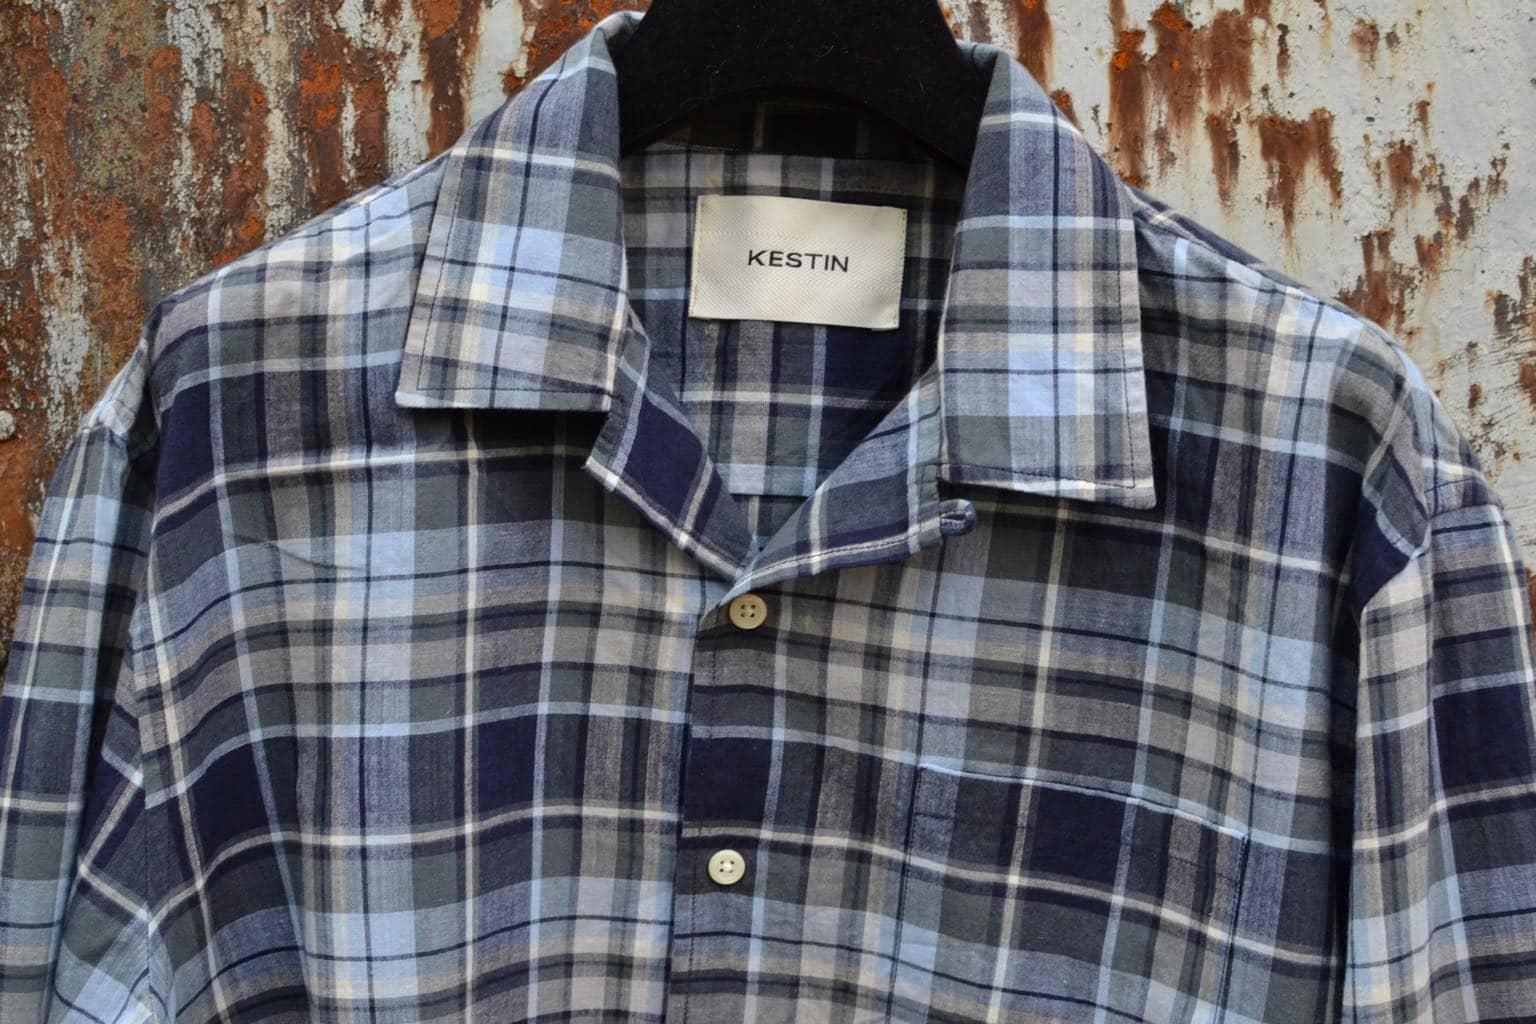 Kestin-hare-Tain shirt in indigo - blue slate check - 1